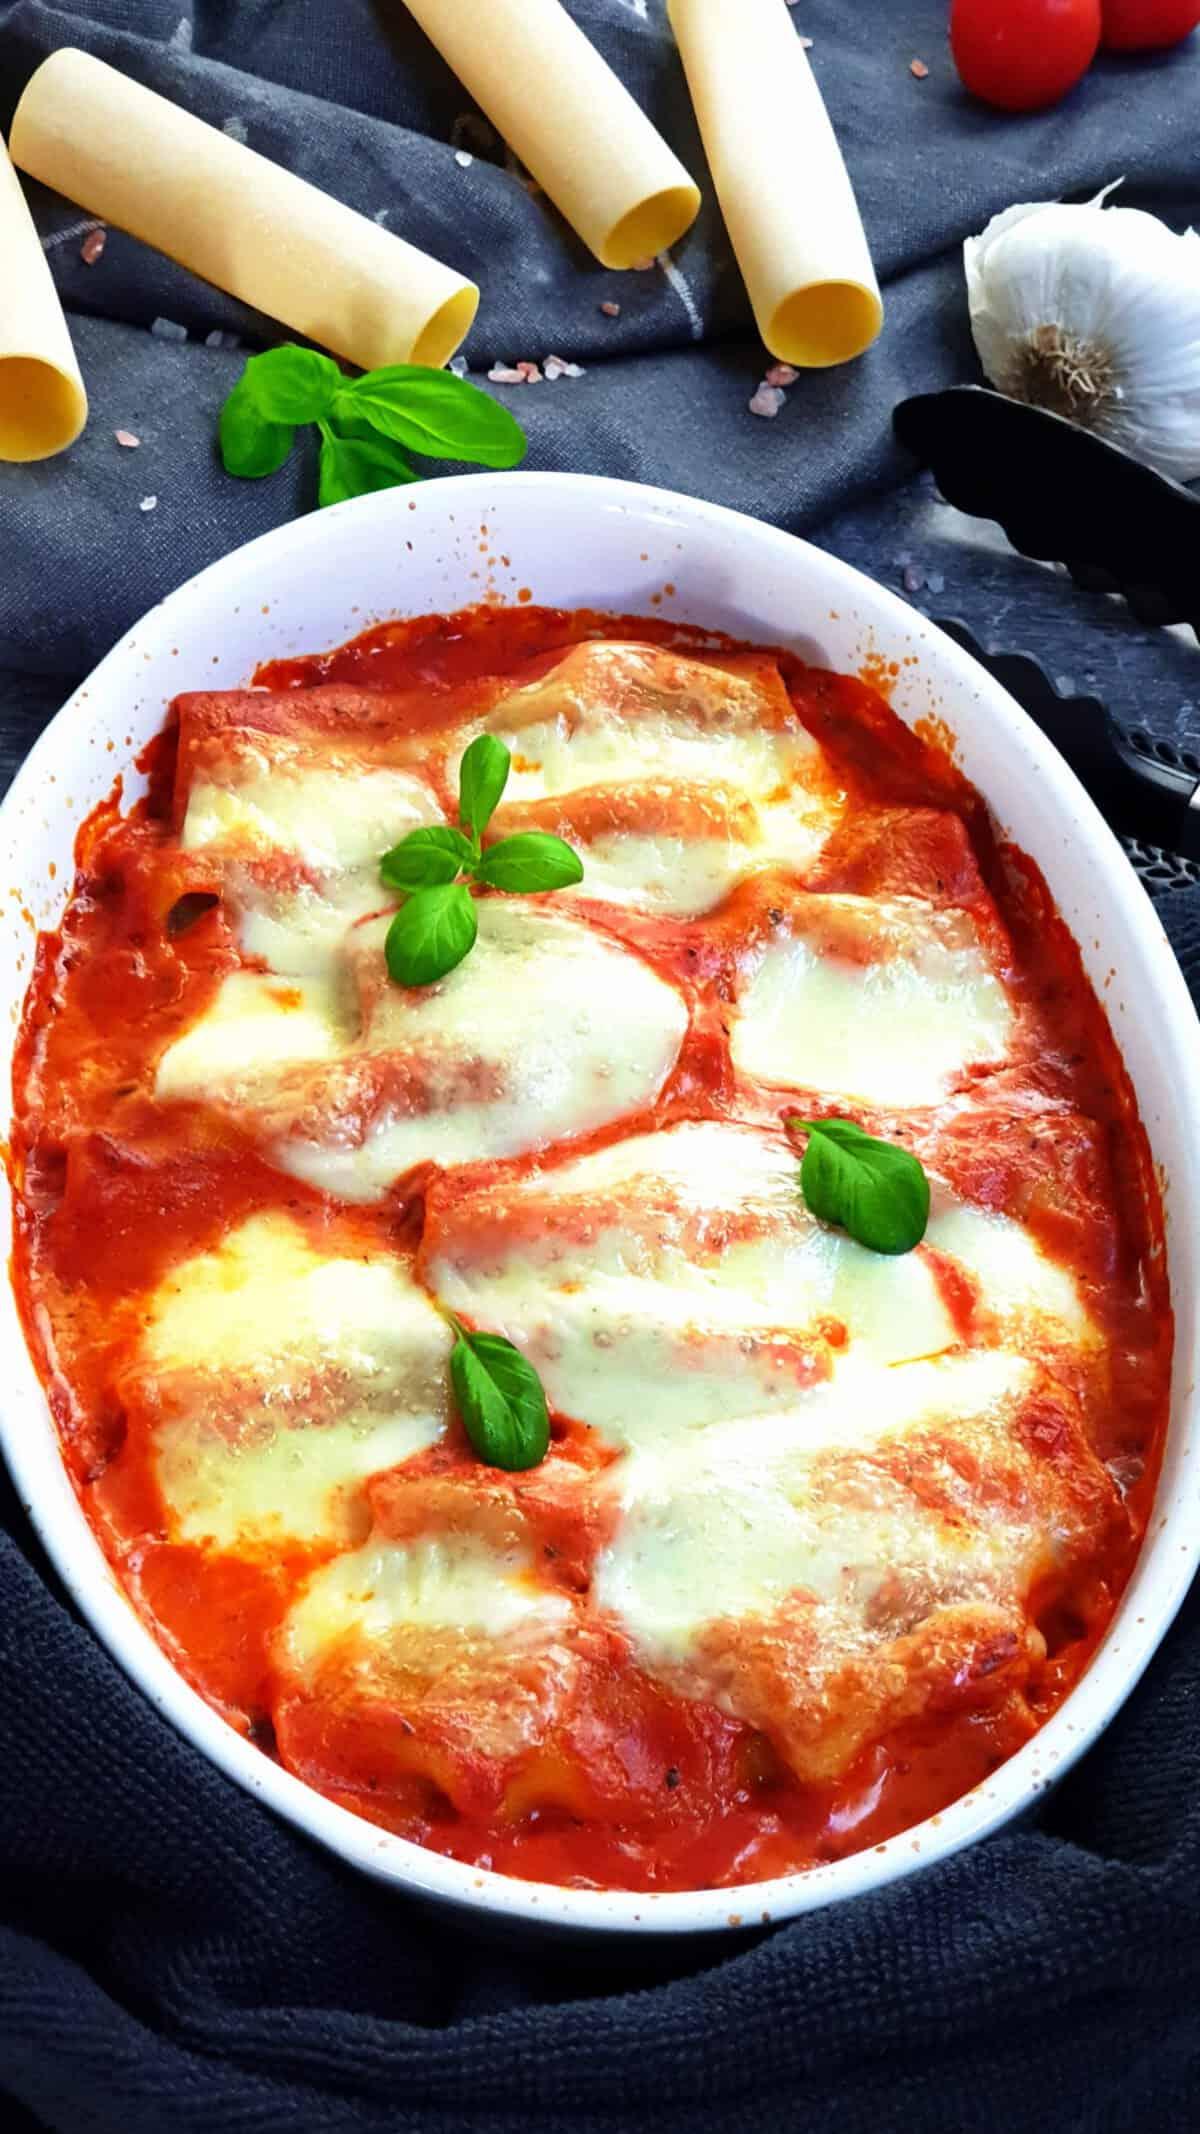 In einer weißen Auflaufform gefüllte Cannelloni mit Hackfleisch in Tomatensoße. Im Hintergrund Deko.